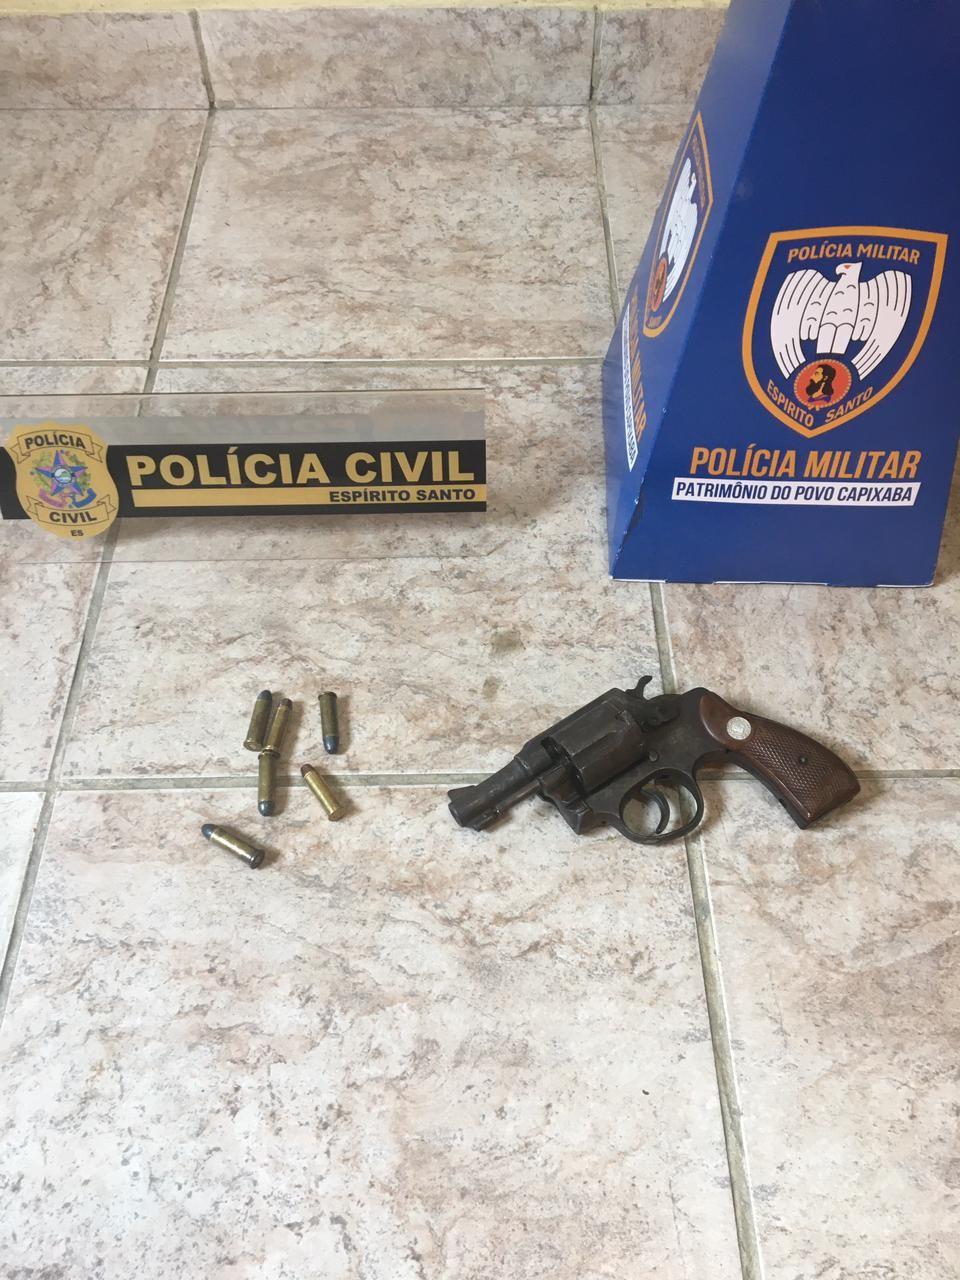 Suspeito de posse ilegal de arma de fogo é detido em Ecoporanga